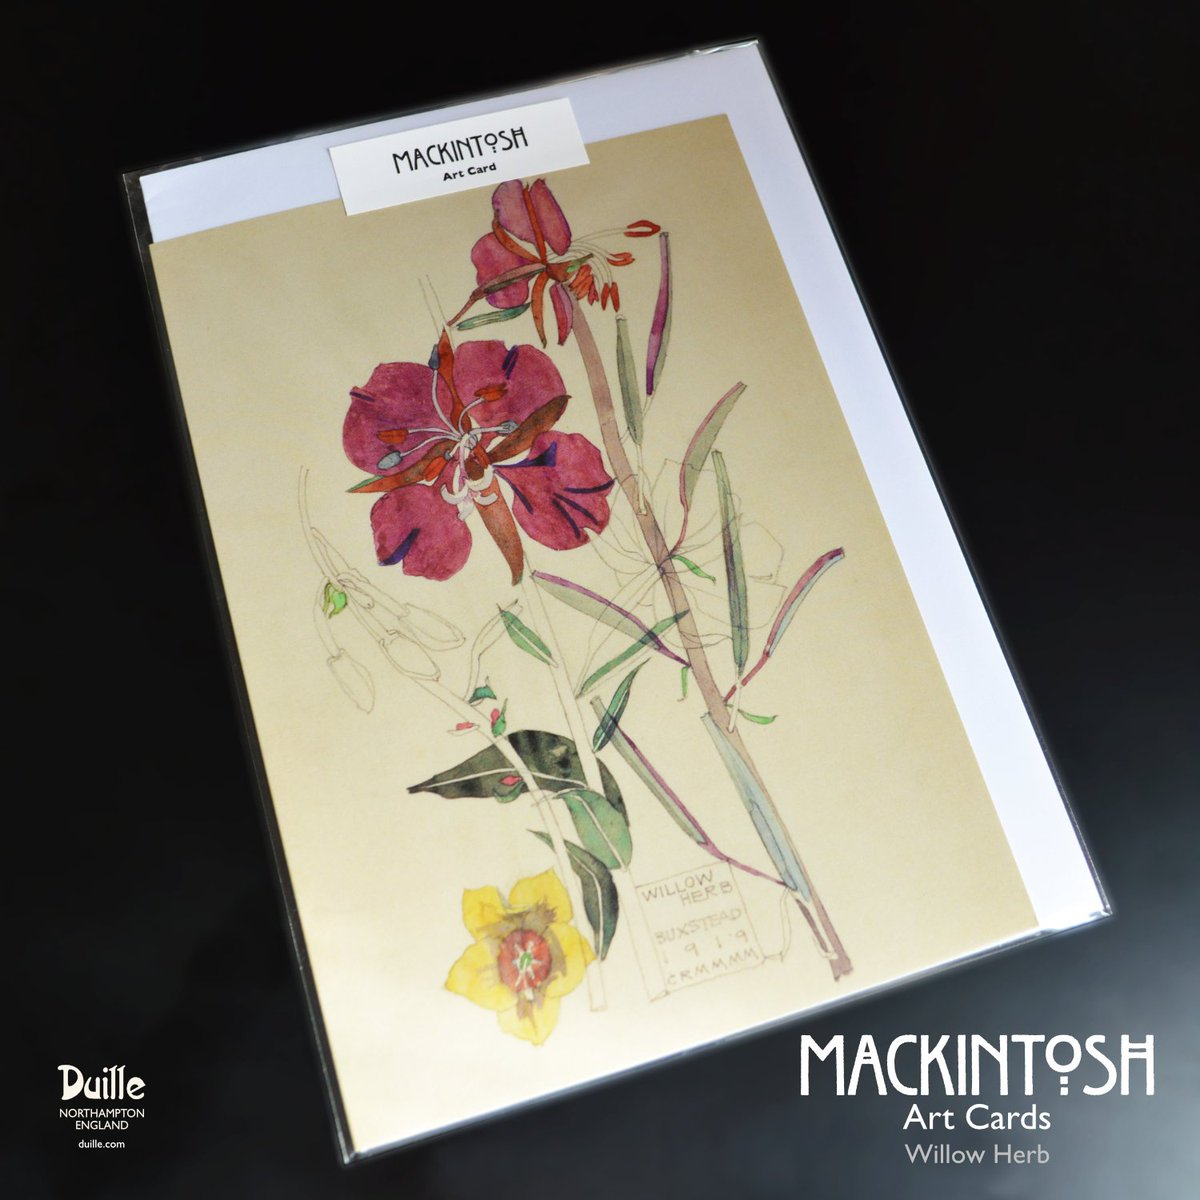 For #RHSChelsea2019 Willow Herb. Charles Rennie Mackintosh. 1919. Available now > duille.com/willowherb #RHSChelseaFlowerShow #RHSChelsea